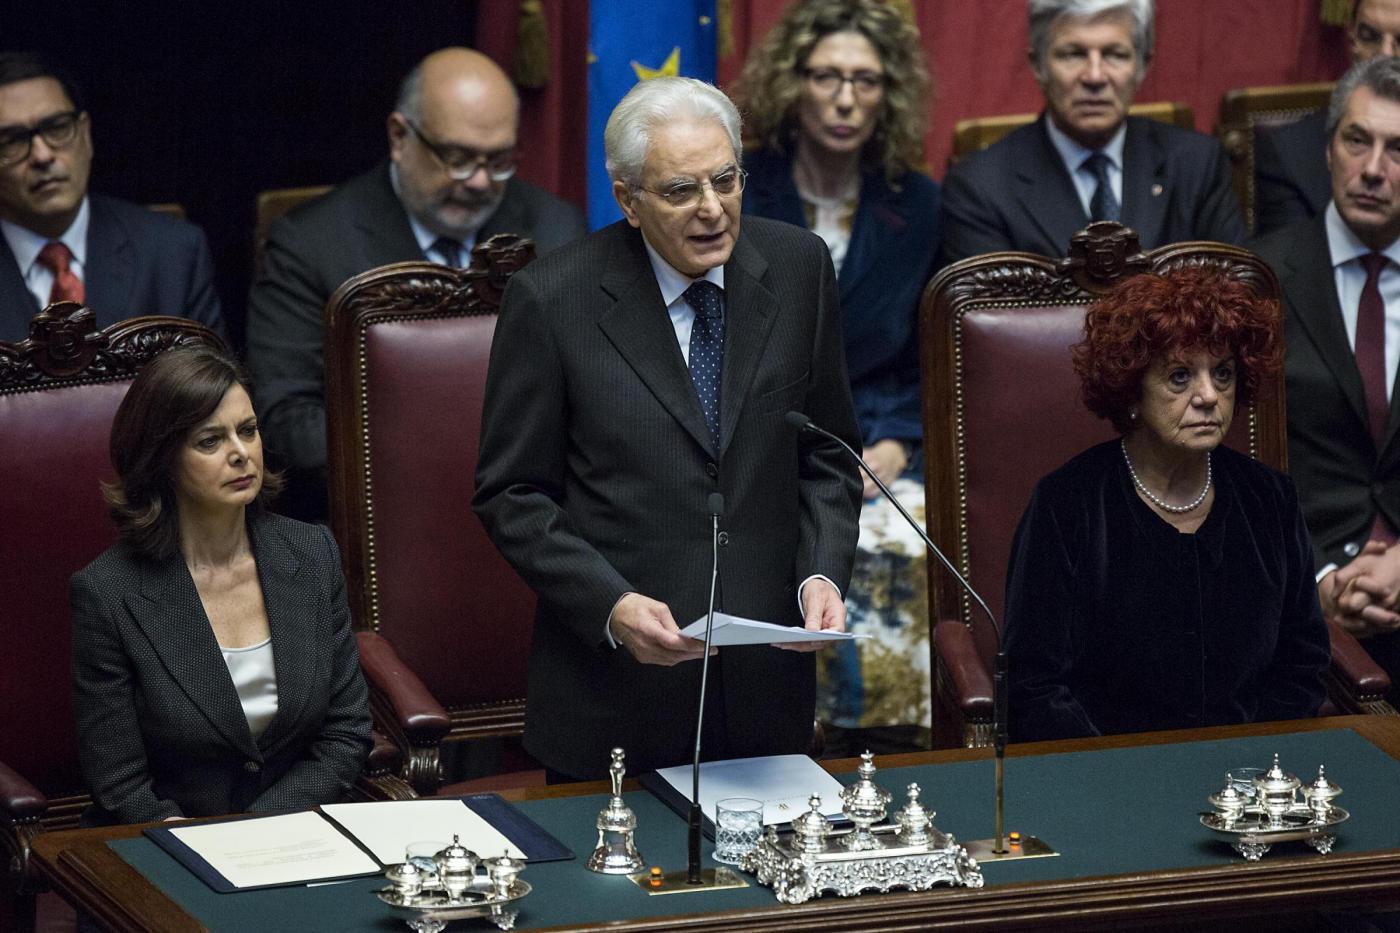 Discorso Camera Boldrini : Grr news eletti i presidenti delle camere u cbru eboldrini a